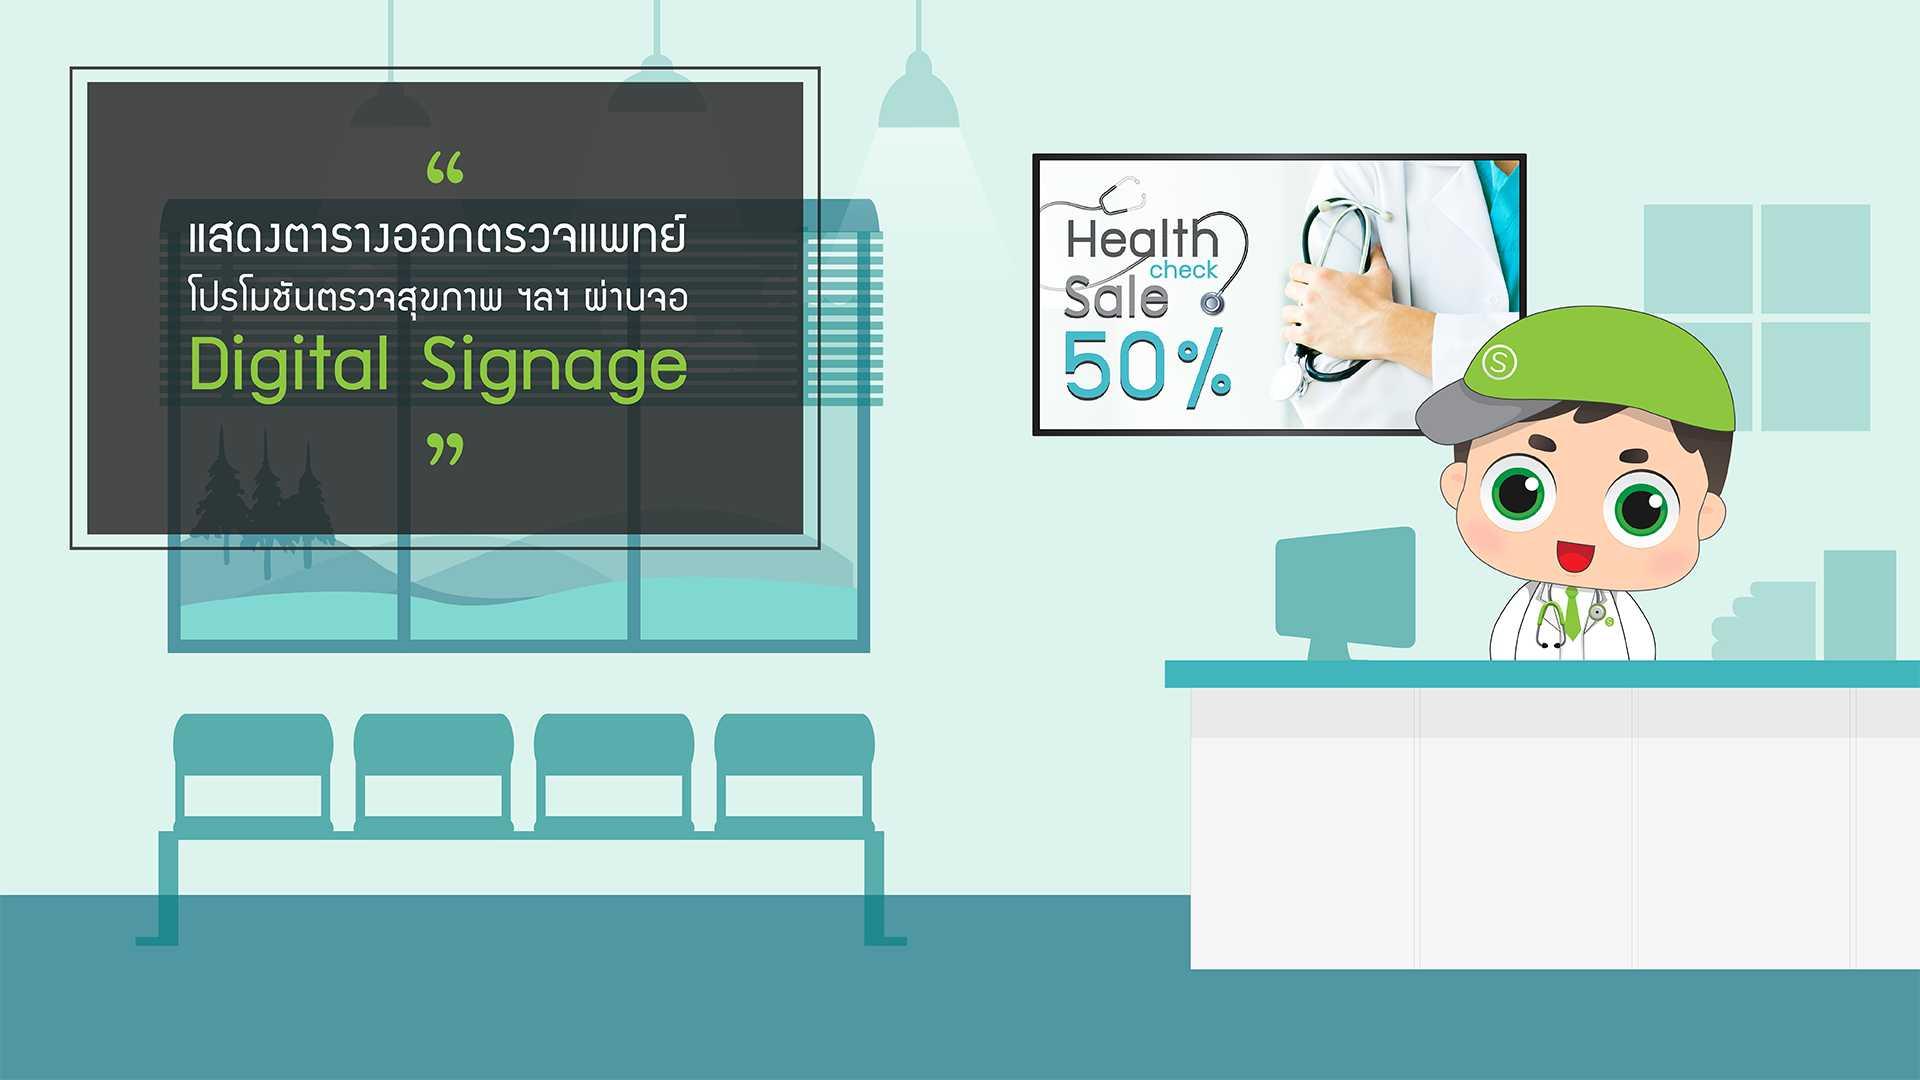 Digital Signage สำหรับธุรกิจโรงพยาบาล คลินิค สถาบันสุขภาพต่าง ๆ